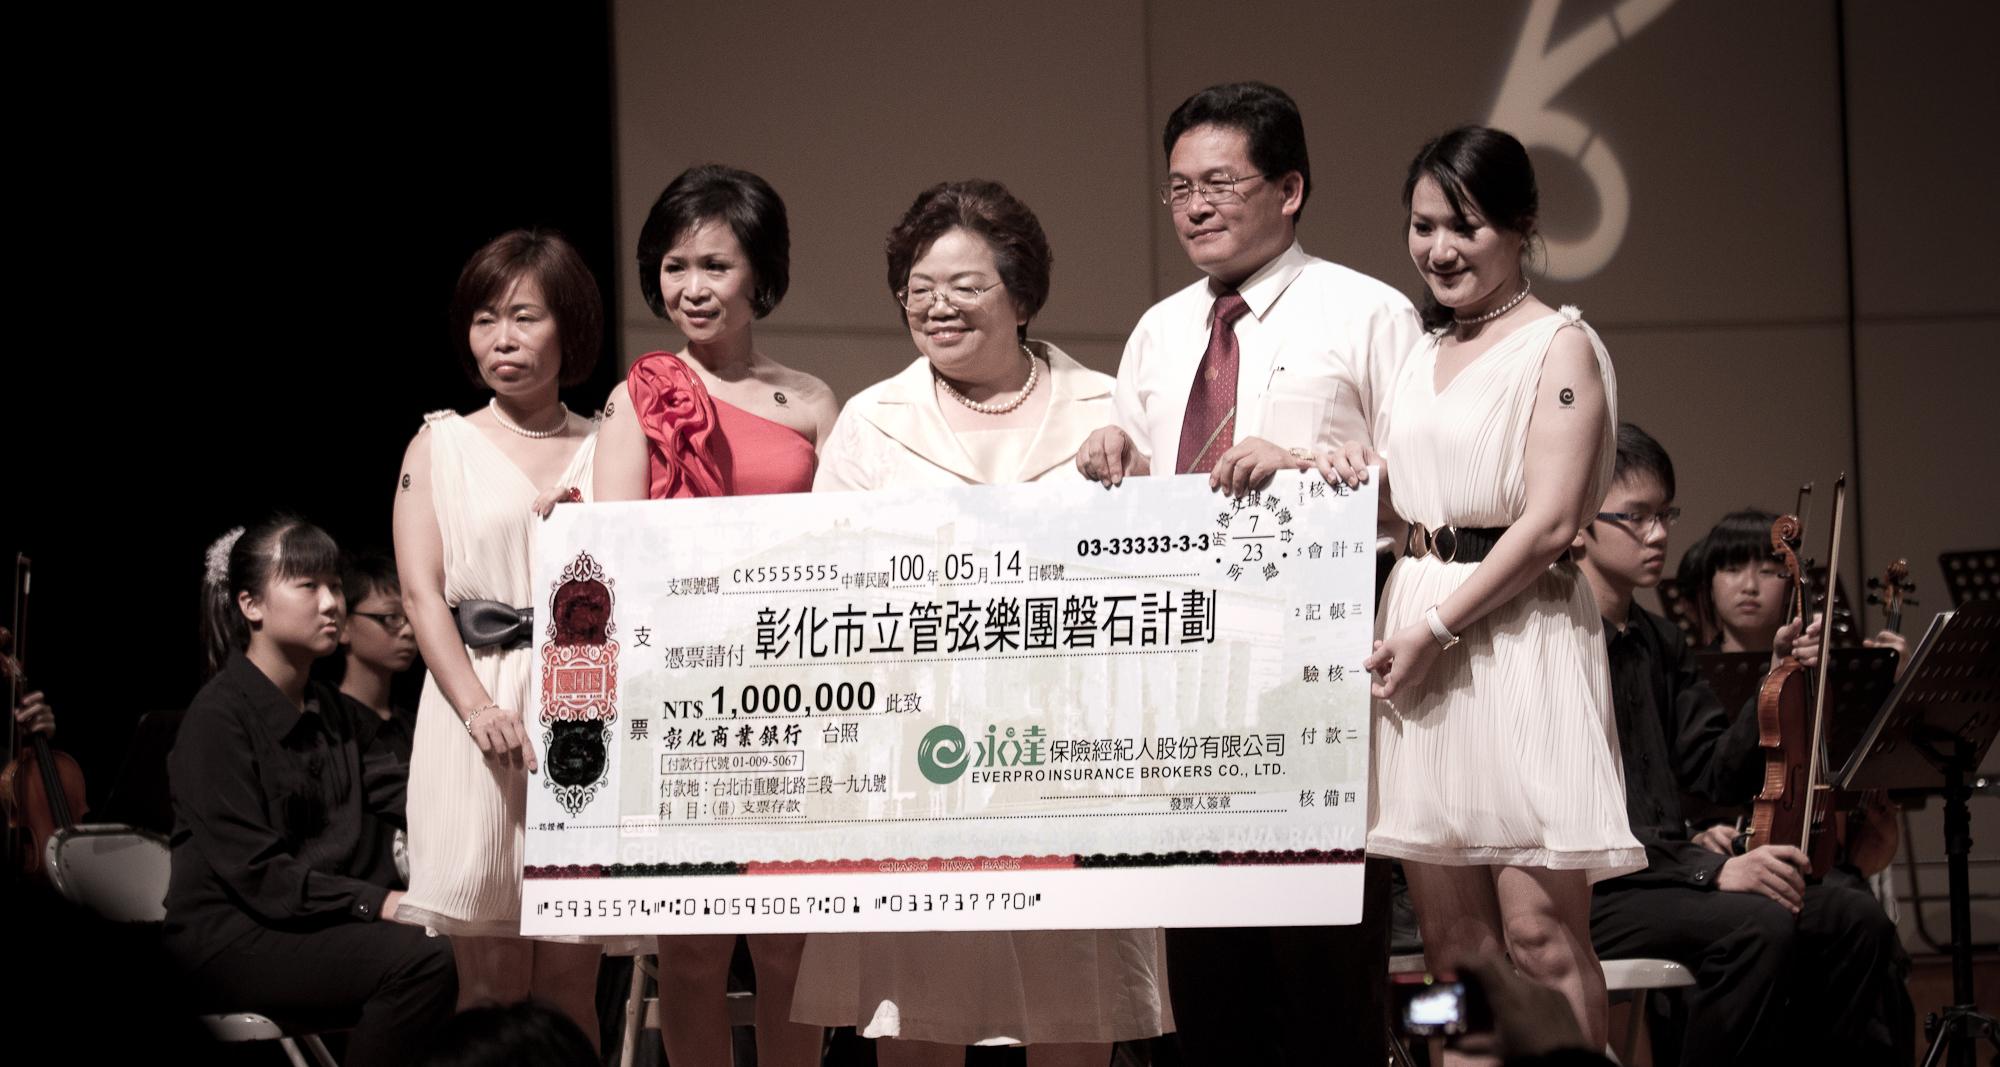 ▲永達保險經紀人公司魏滿妹協理(左三)、徐秀玲經理(左二)代表公司致贈贊助款,並由彰化市市長邱建富(右二)受贈。